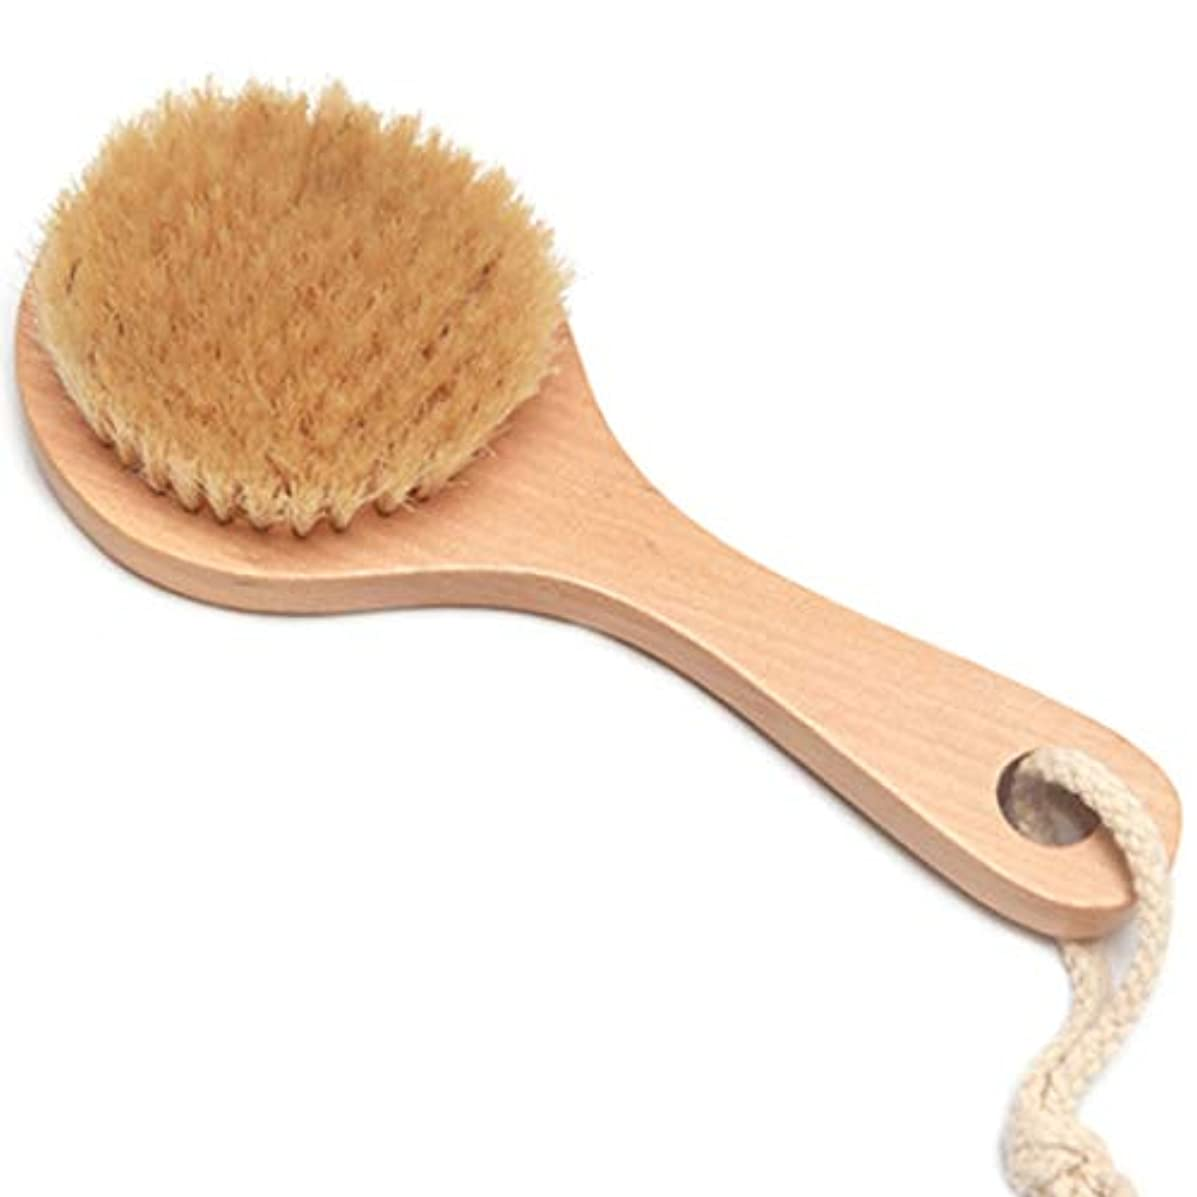 戸棚クロニクル離すバスブラシバックブラシロングハンドルやわらかい毛髪バスブラシバスブラシ角質除去クリーニングブラシ (Color : Wood color, Size : 20*7.5cm)